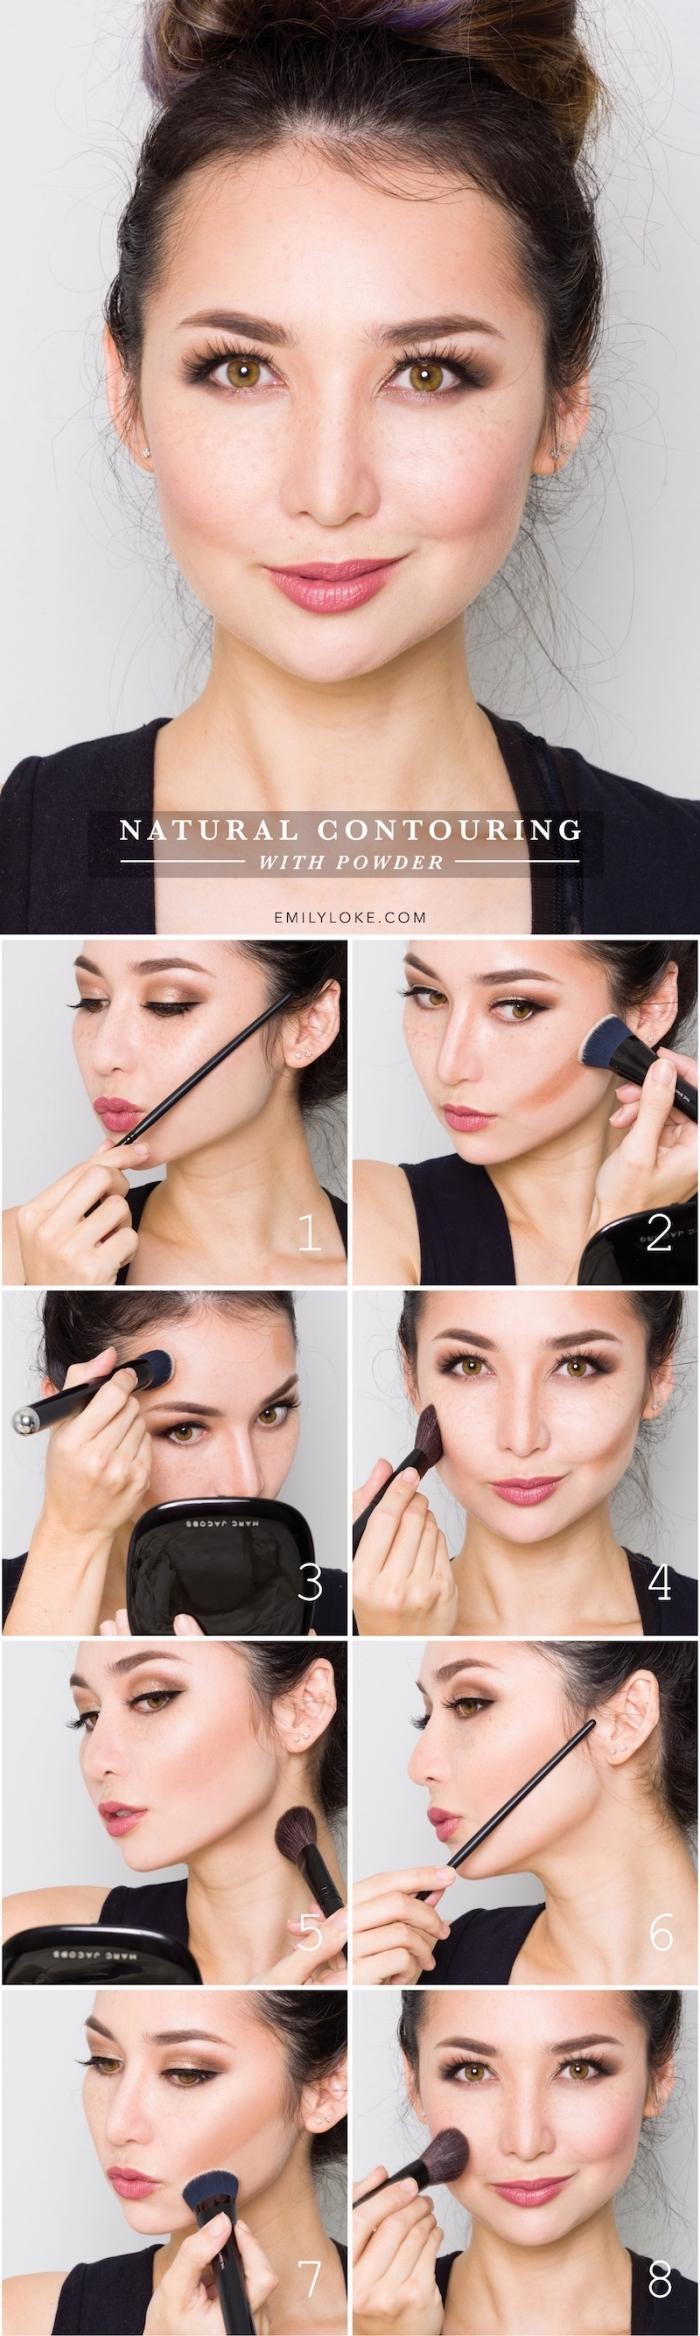 Tuto Maquillage Facile : 1001 conseils et astuces pour r aliser un maquillage contouring facile ~ Nature-et-papiers.com Idées de Décoration